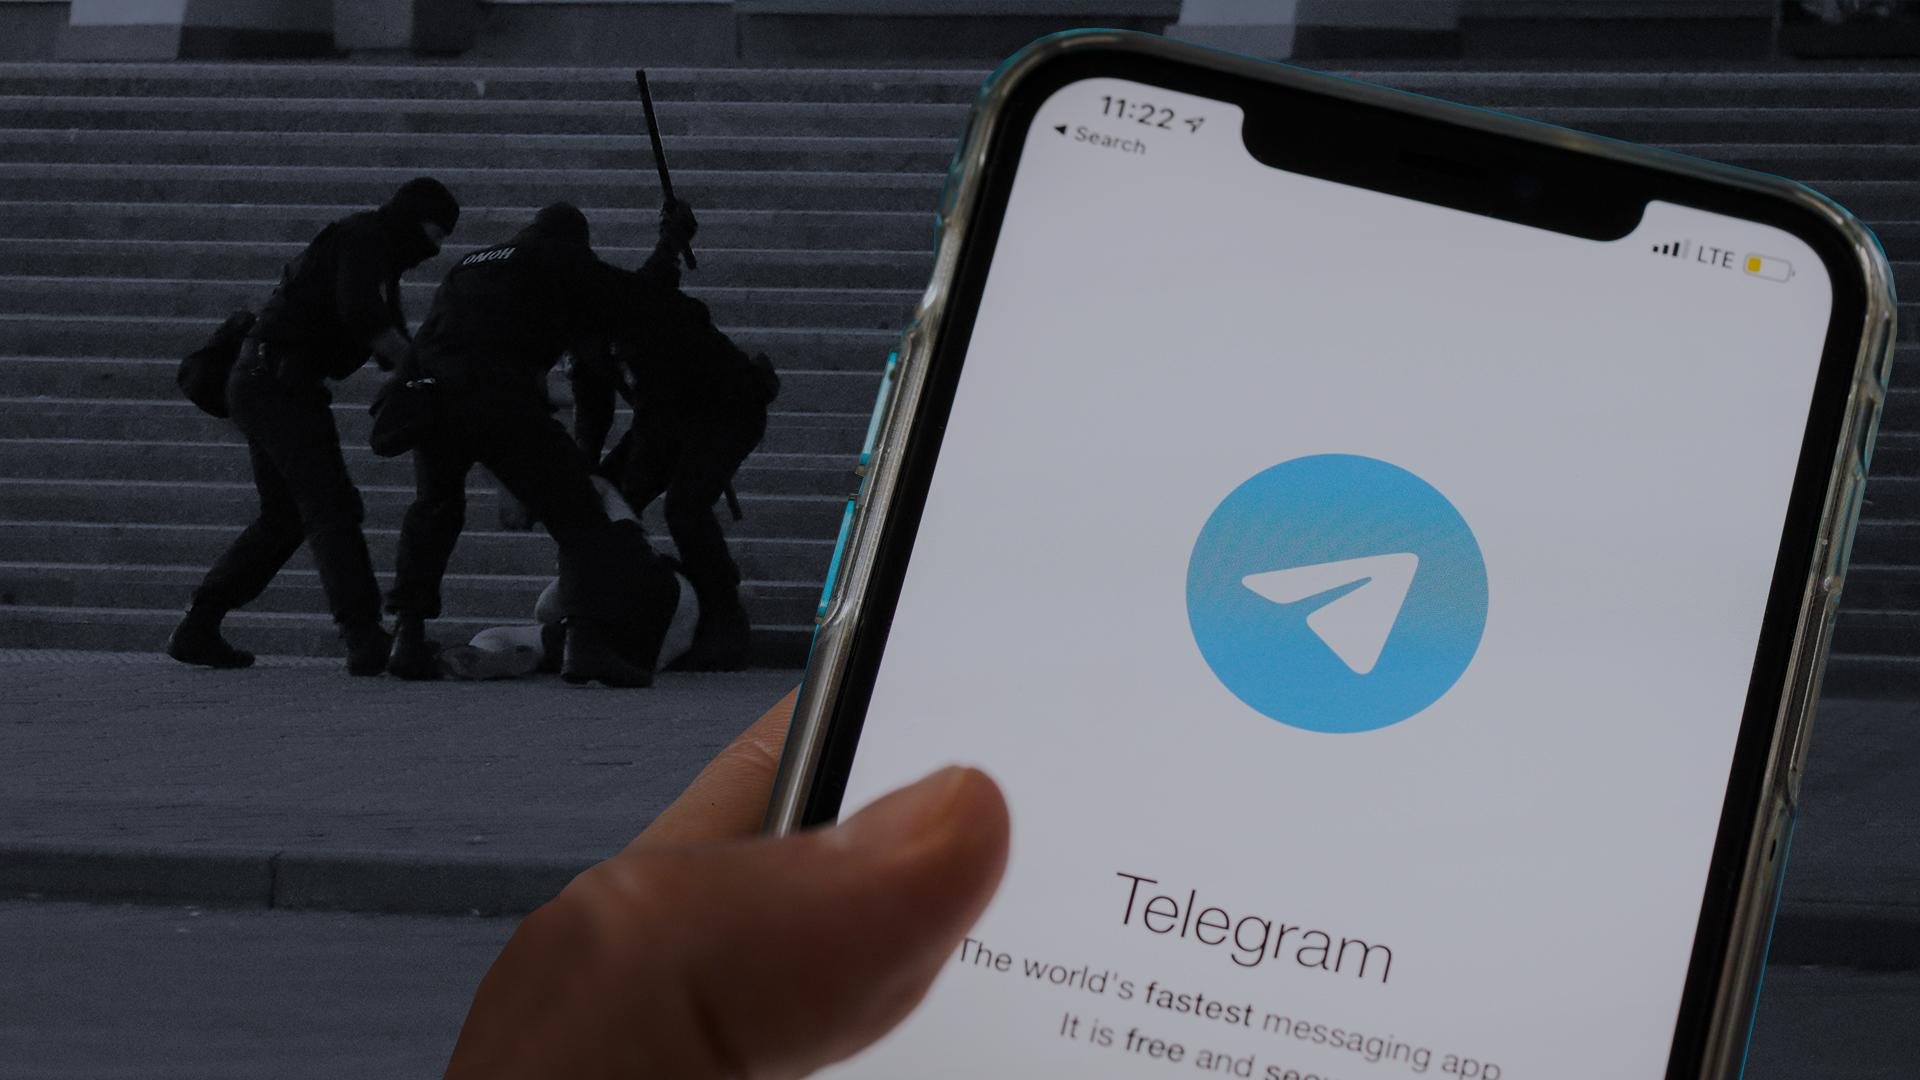 Дрожжи для мессенджера. Протест и беспорядки дают Telegram и Дурову выход на новые рынки?